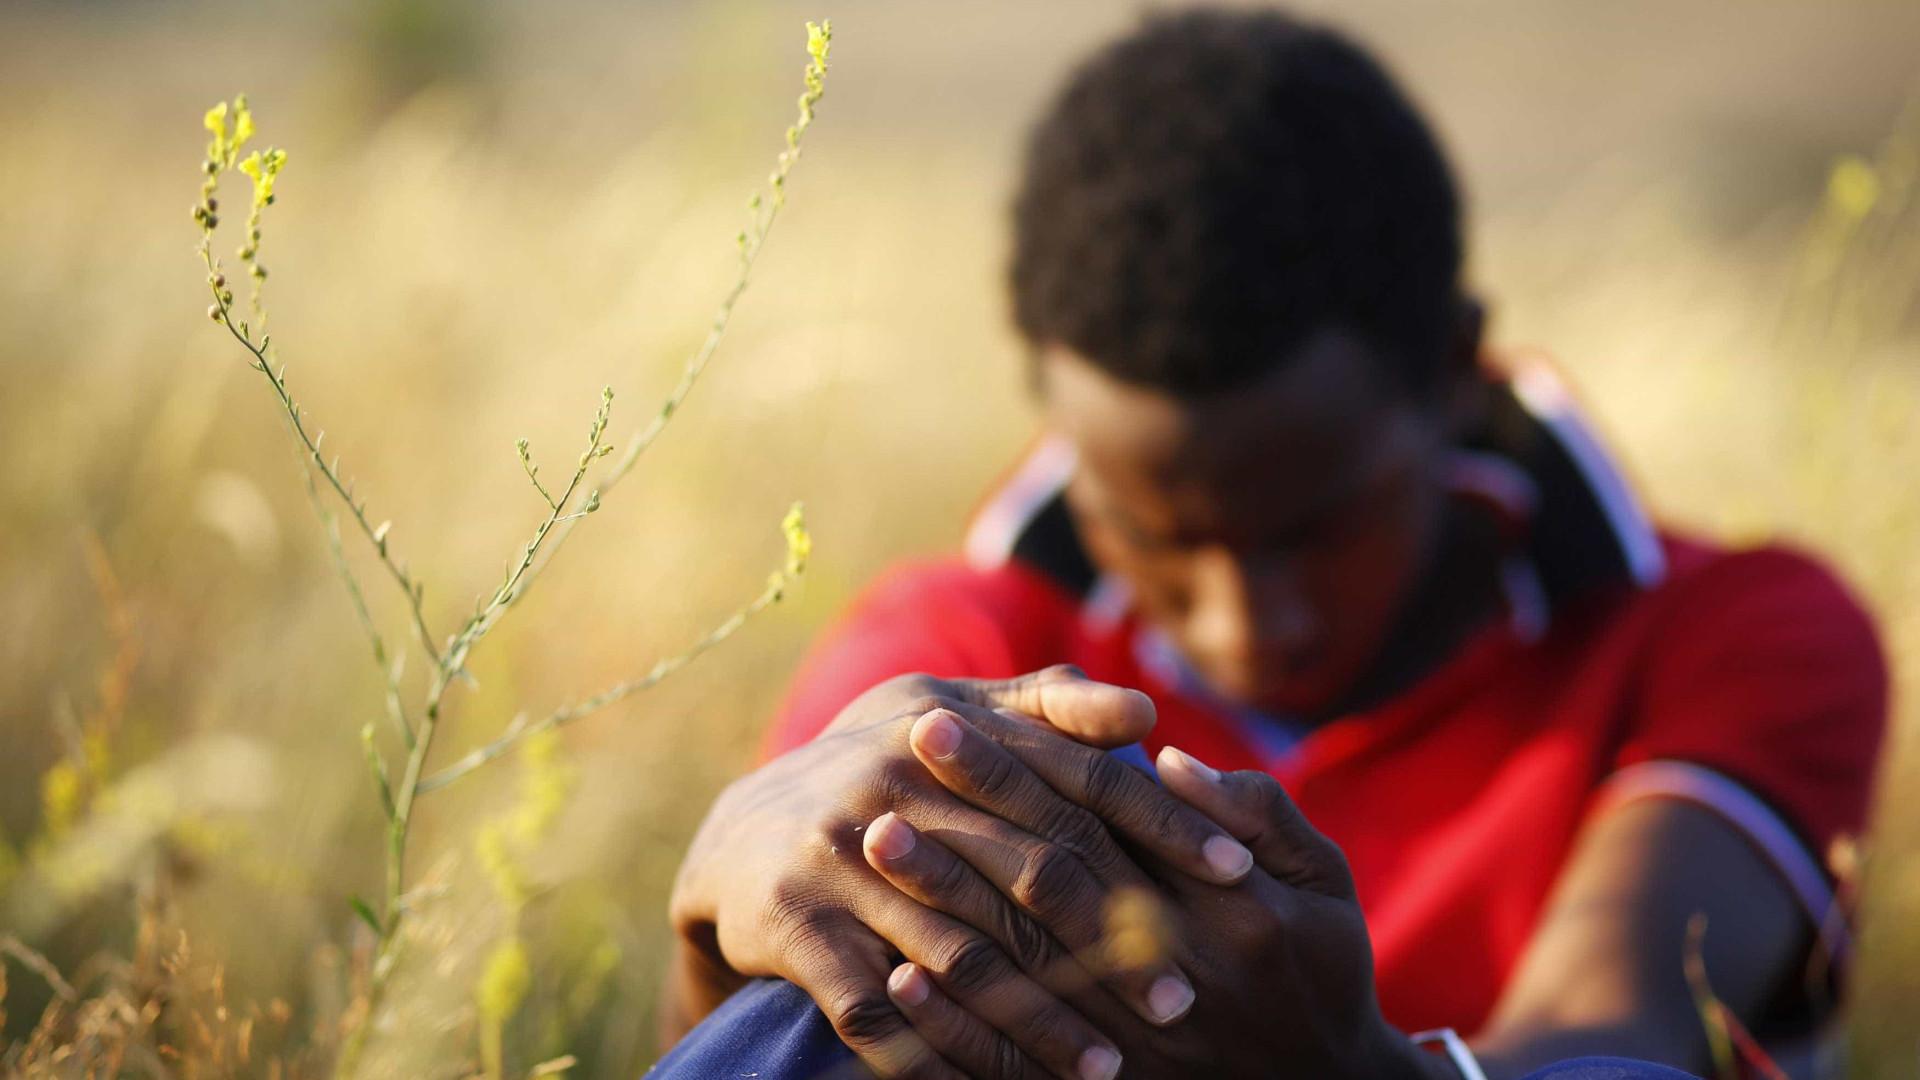 Jovens negros têm 2,5 mais chances de morrer do que brancos